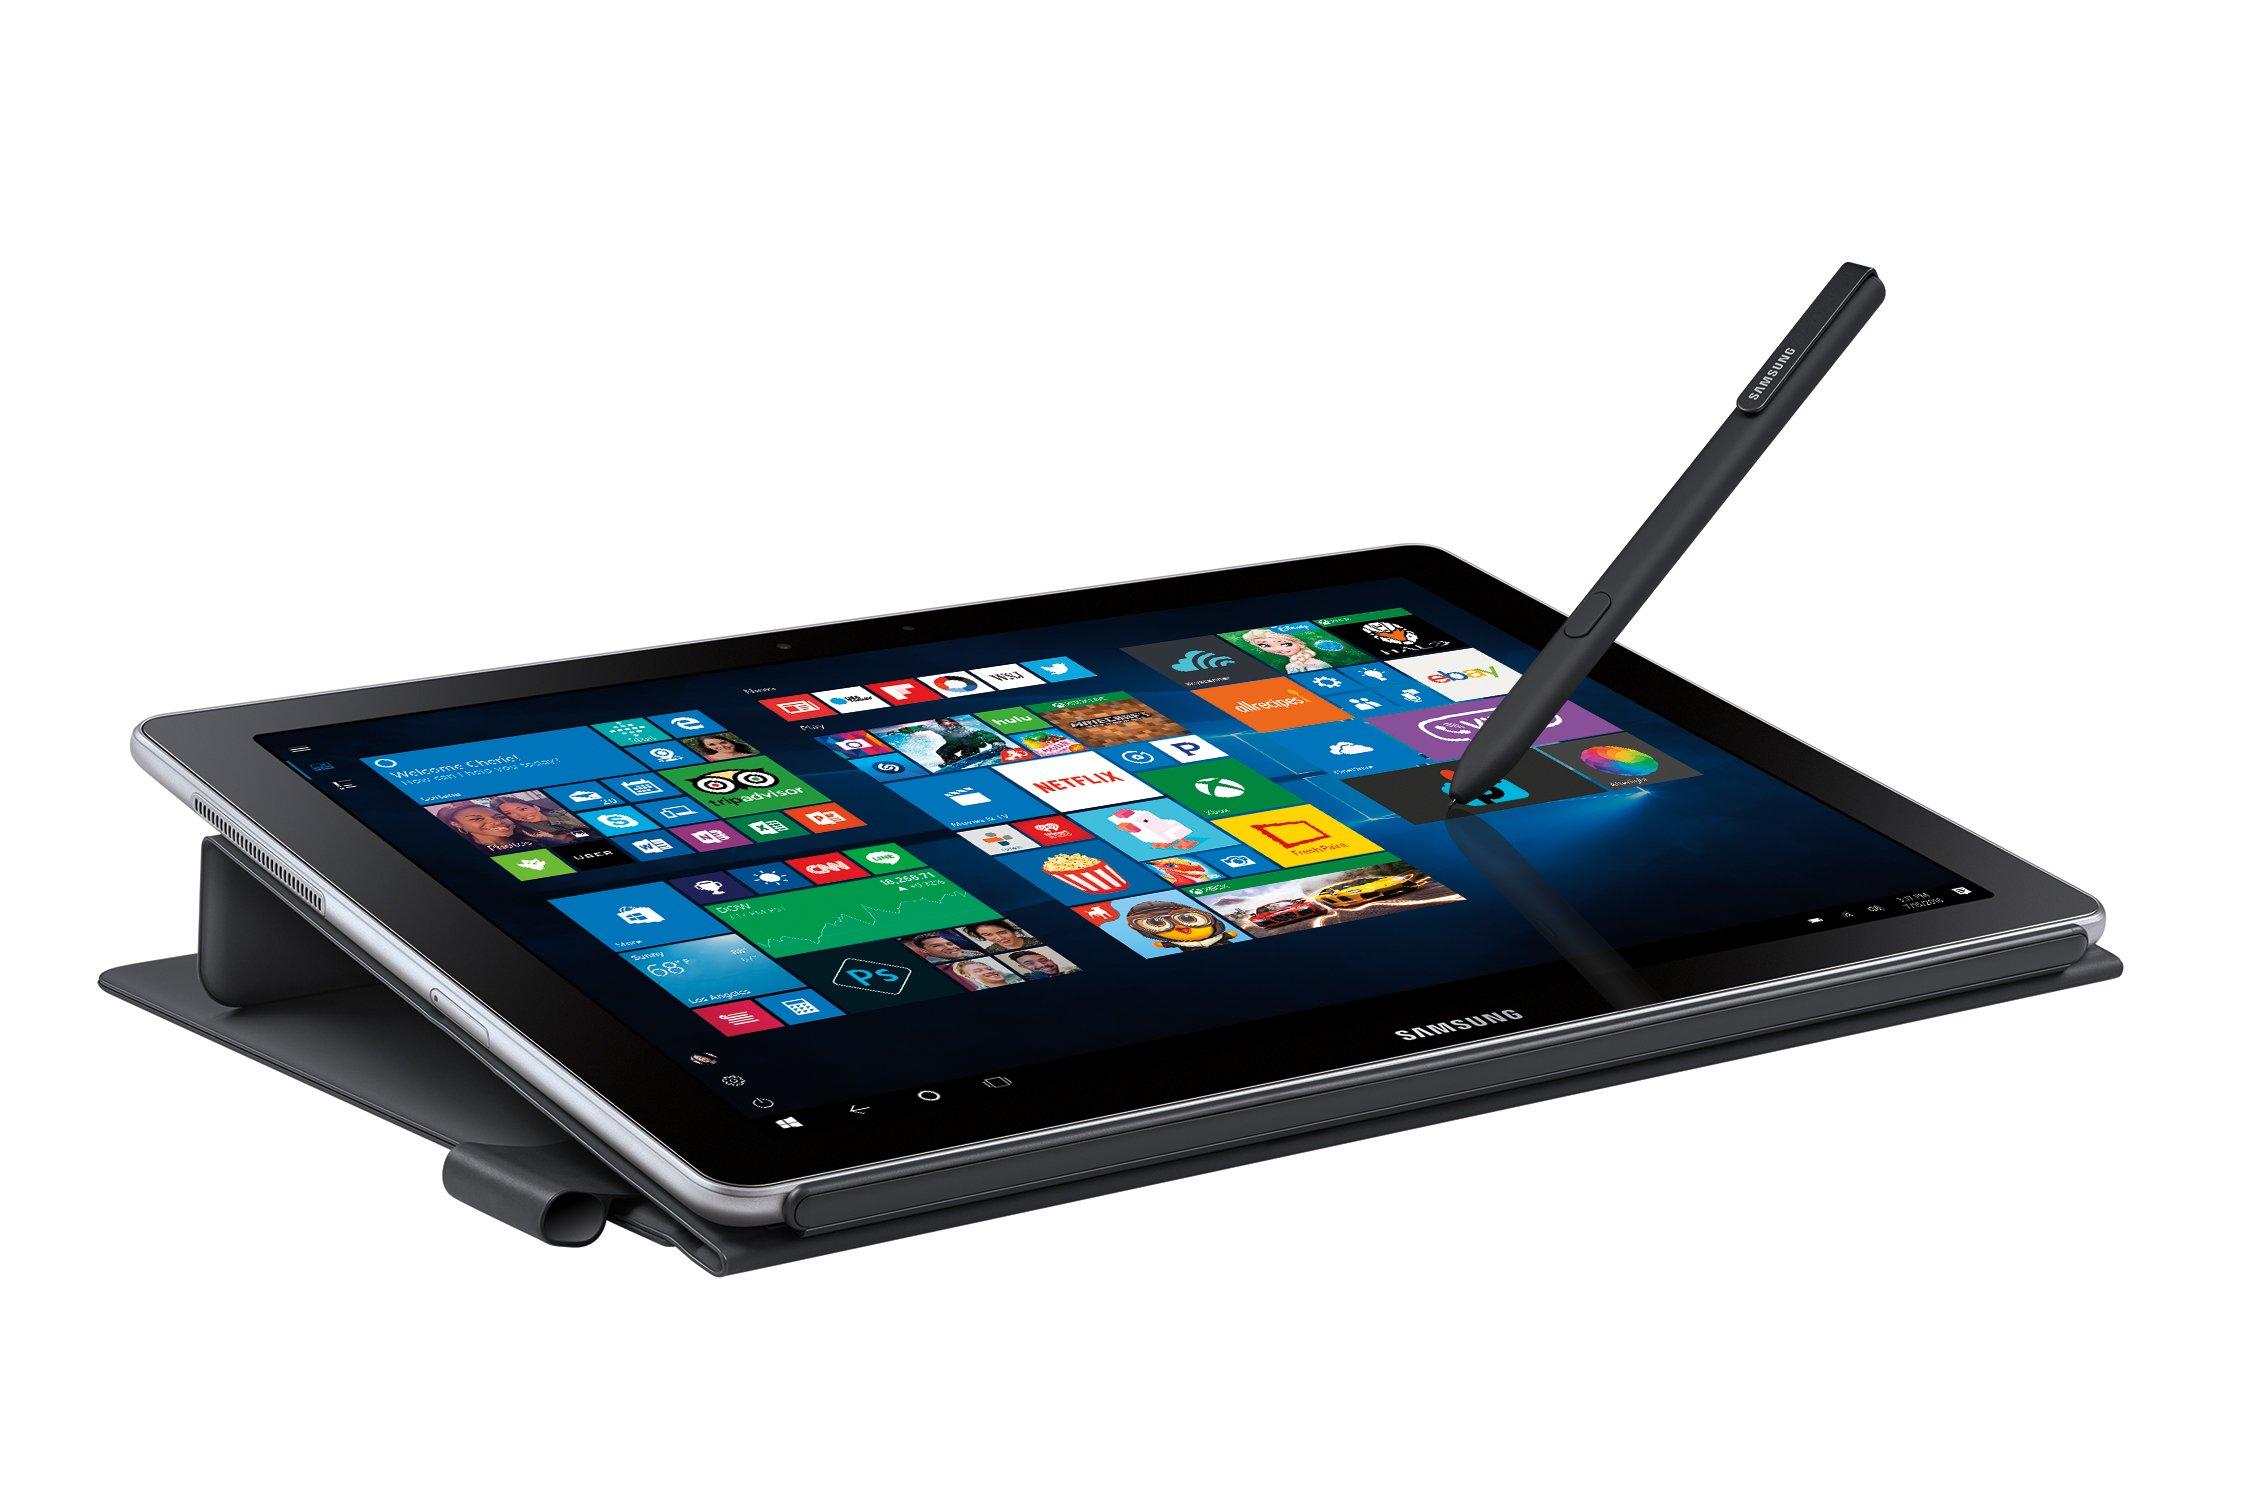 """Samsung Galaxy Book 12"""" Windows 2-in-1 PC (Wi-Fi) Silver, 8GB RAM/256GB SSD, SM-W720NZKAXAR by Samsung (Image #5)"""